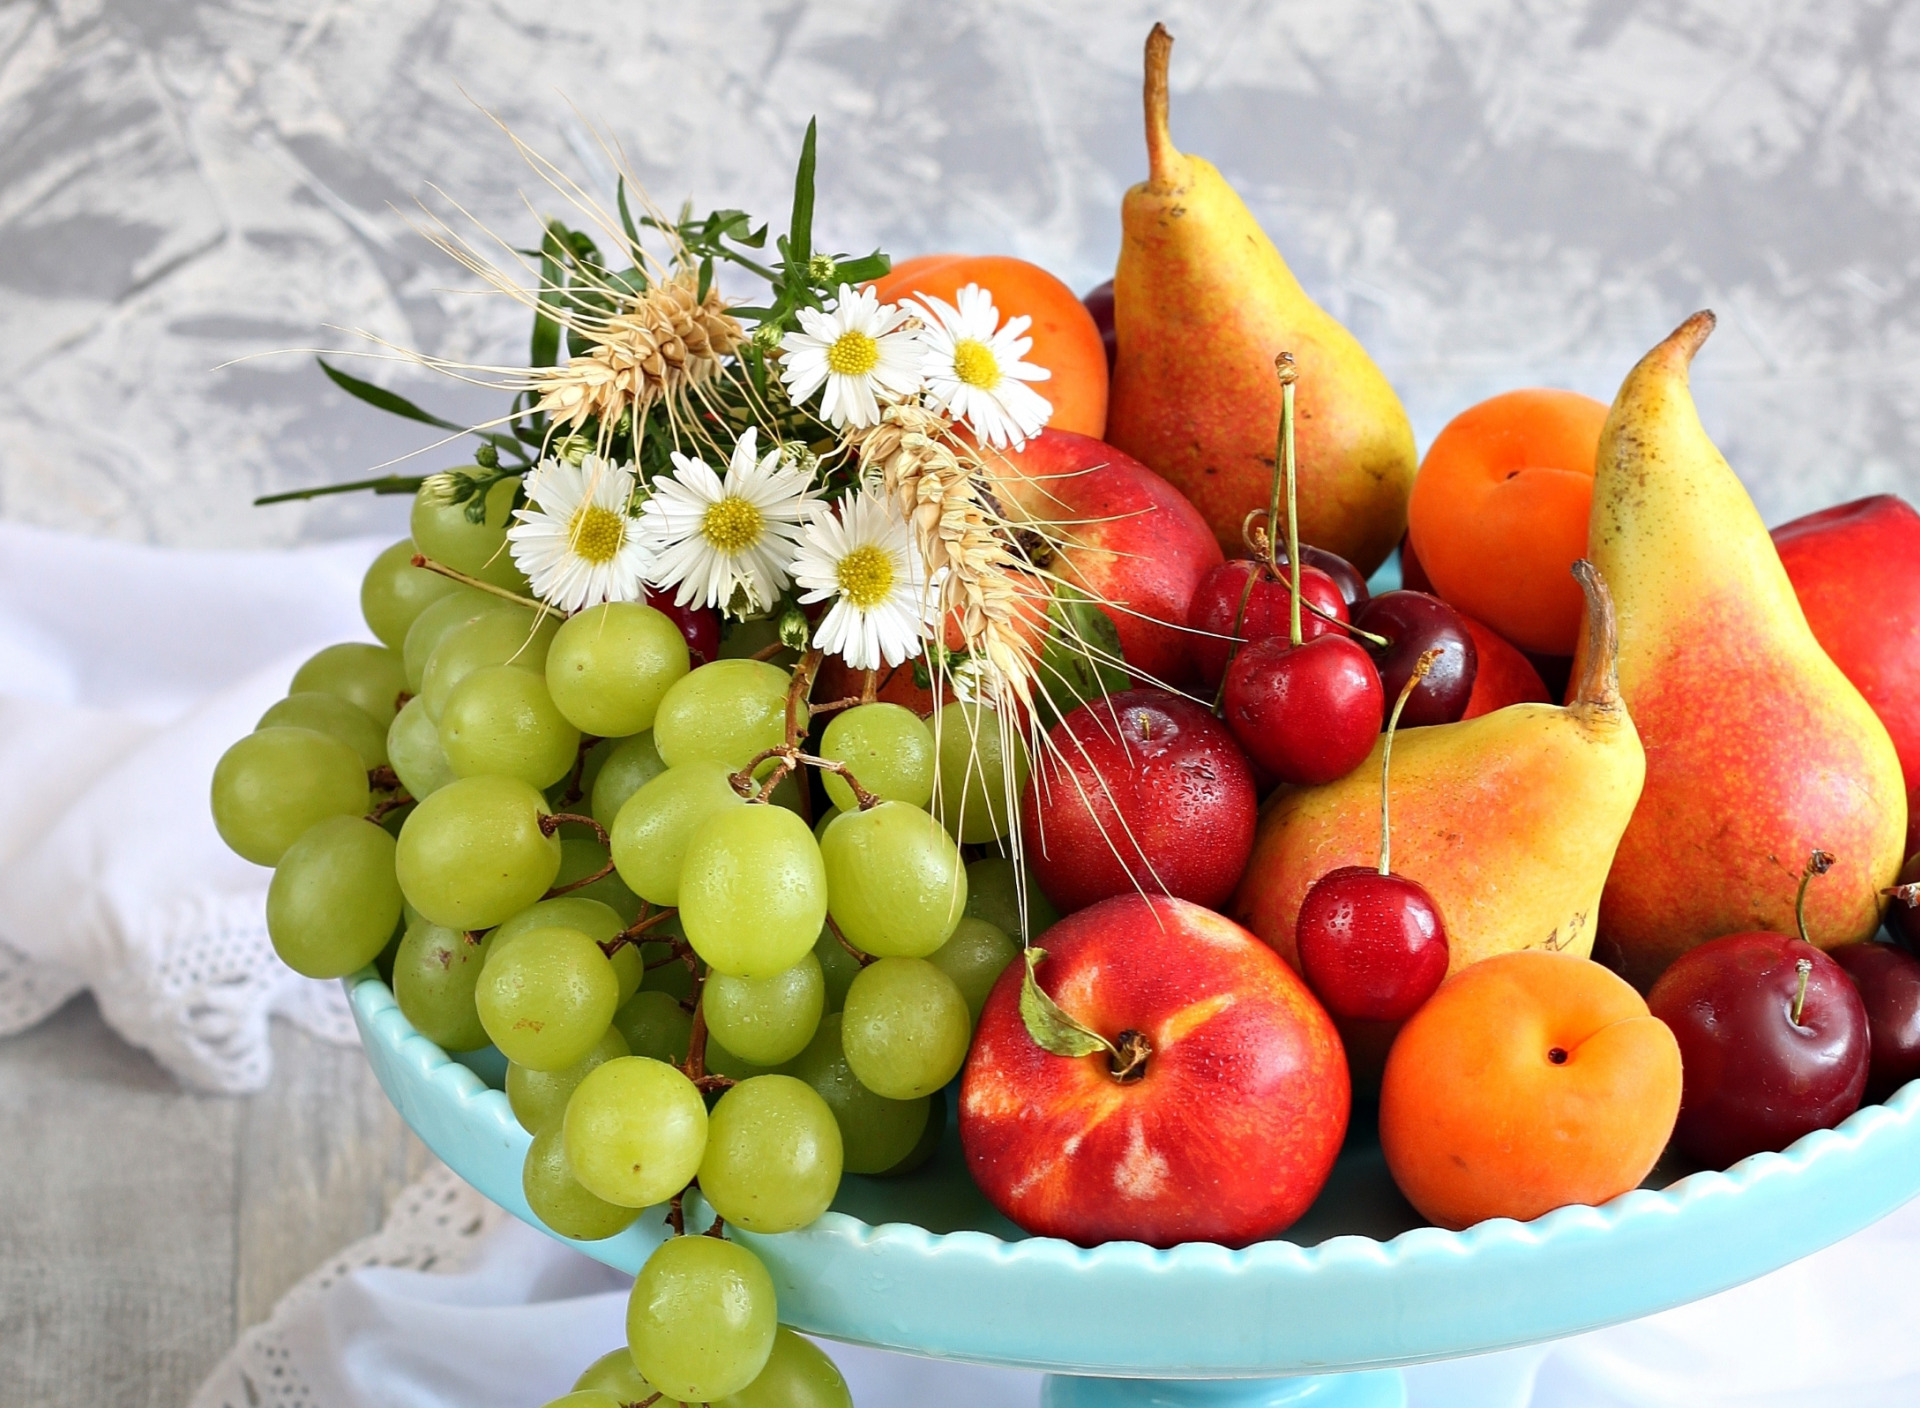 призванию красивые картинки фрукты осень удача в сообщают, что возможен